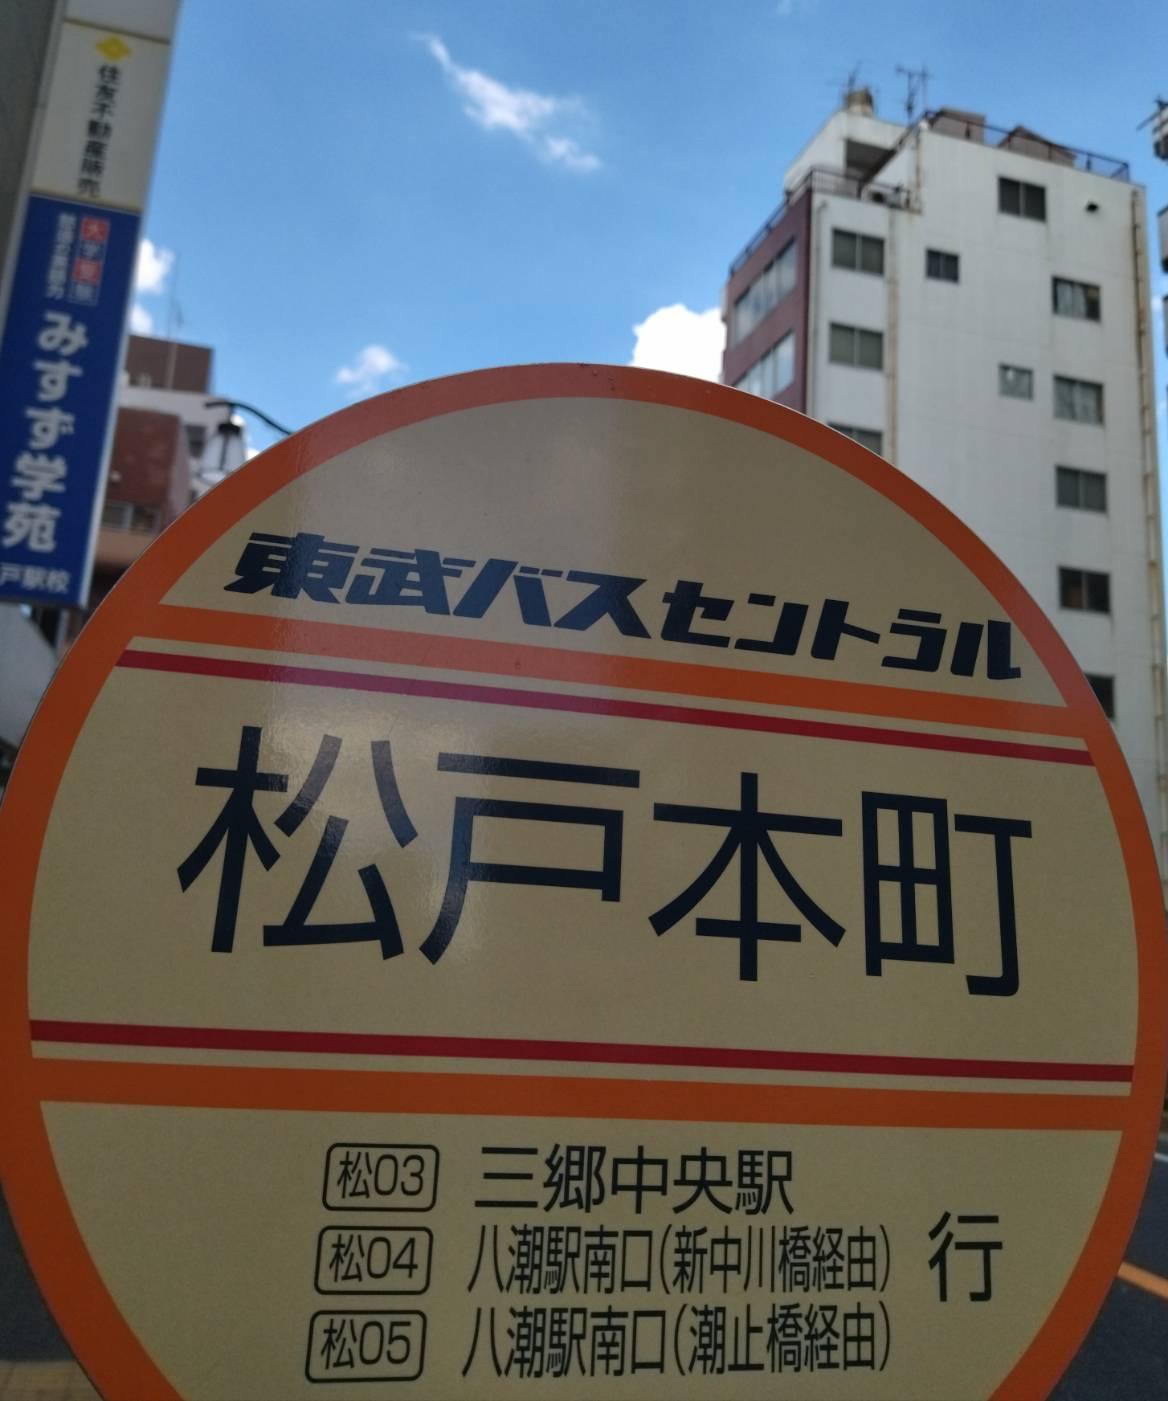 東武バス松戸八潮お盆期間